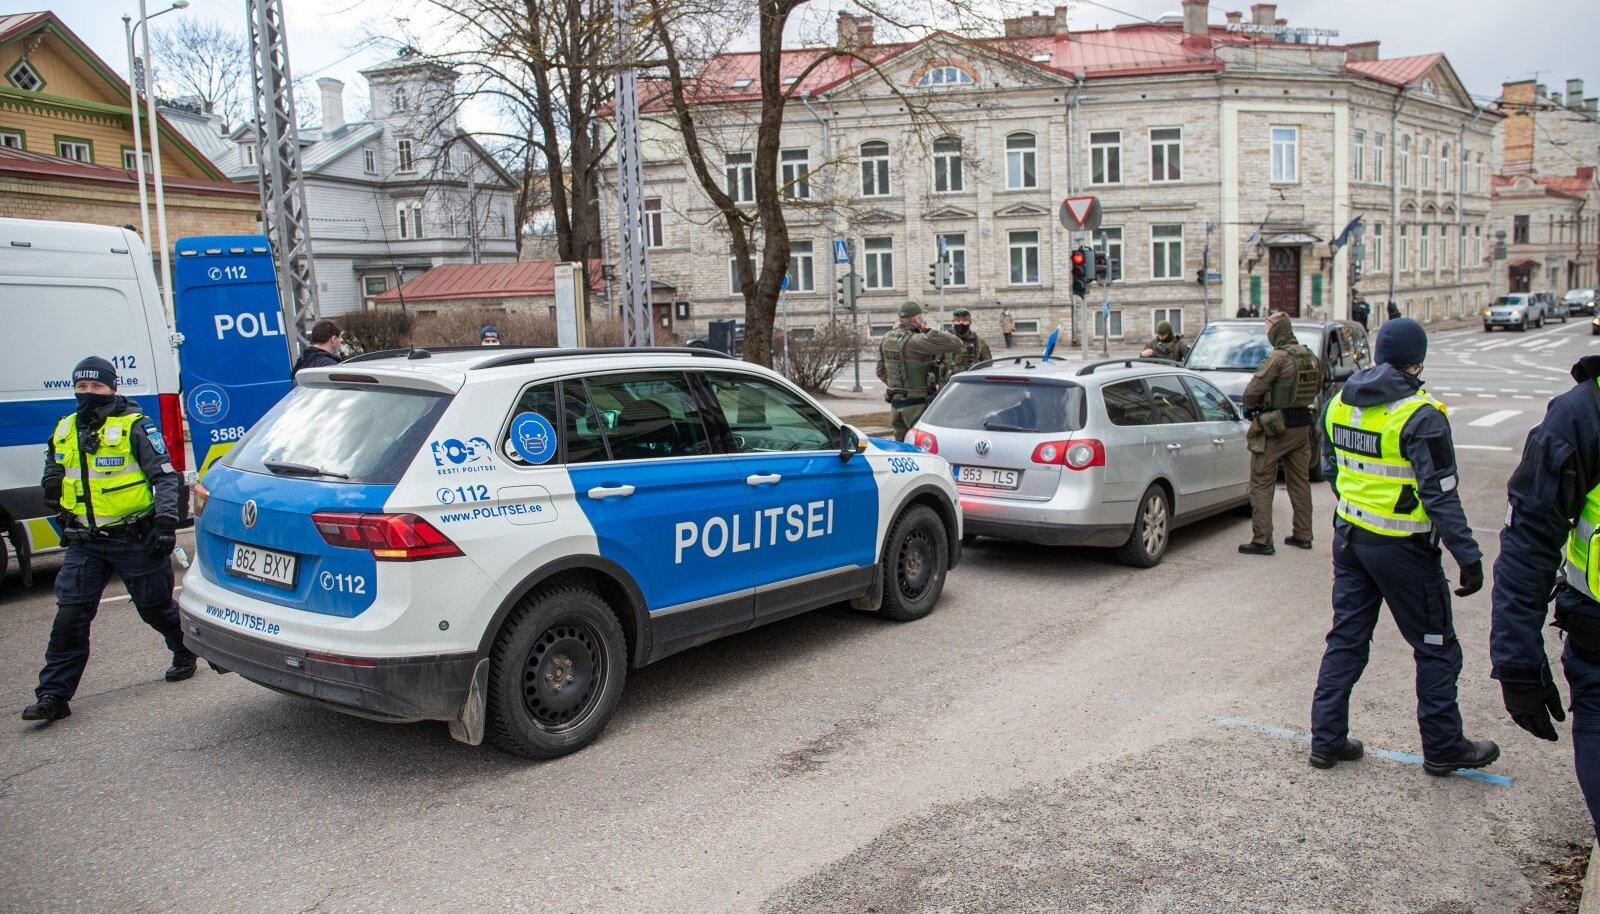 Lisaks arstidele, epidemioloogidele ja terviseameti töötajatele on koroonaviiruse leviku peatamise roll ka politseinikel. Nüüd peab PPA nuputama, kust tõmmata vööd koomale.